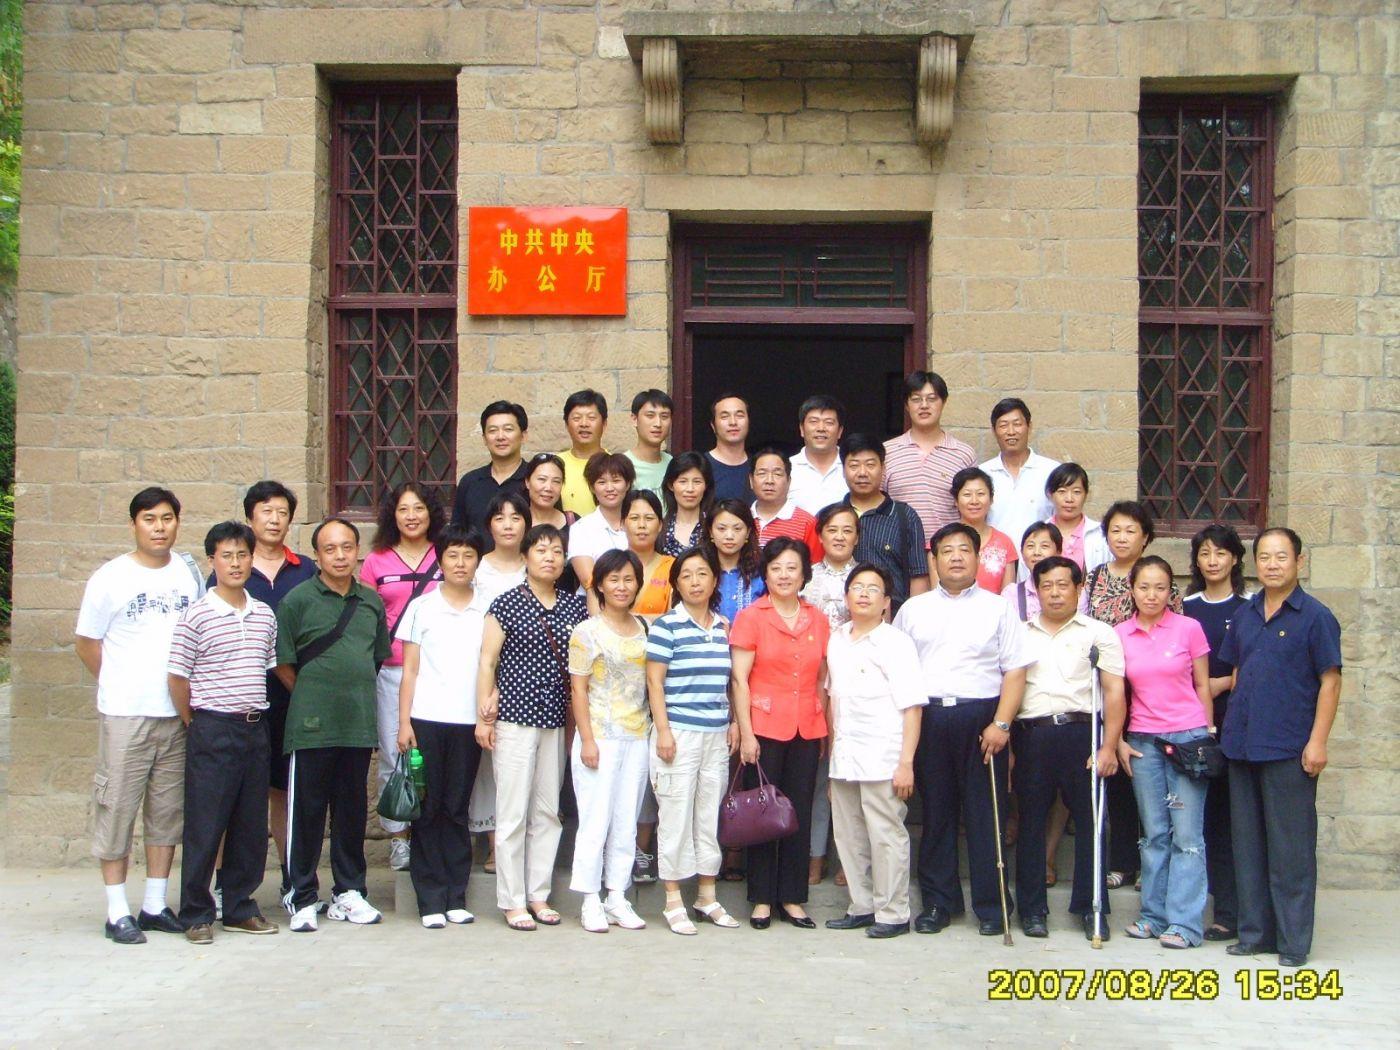 在陕西的记忆_图1-17